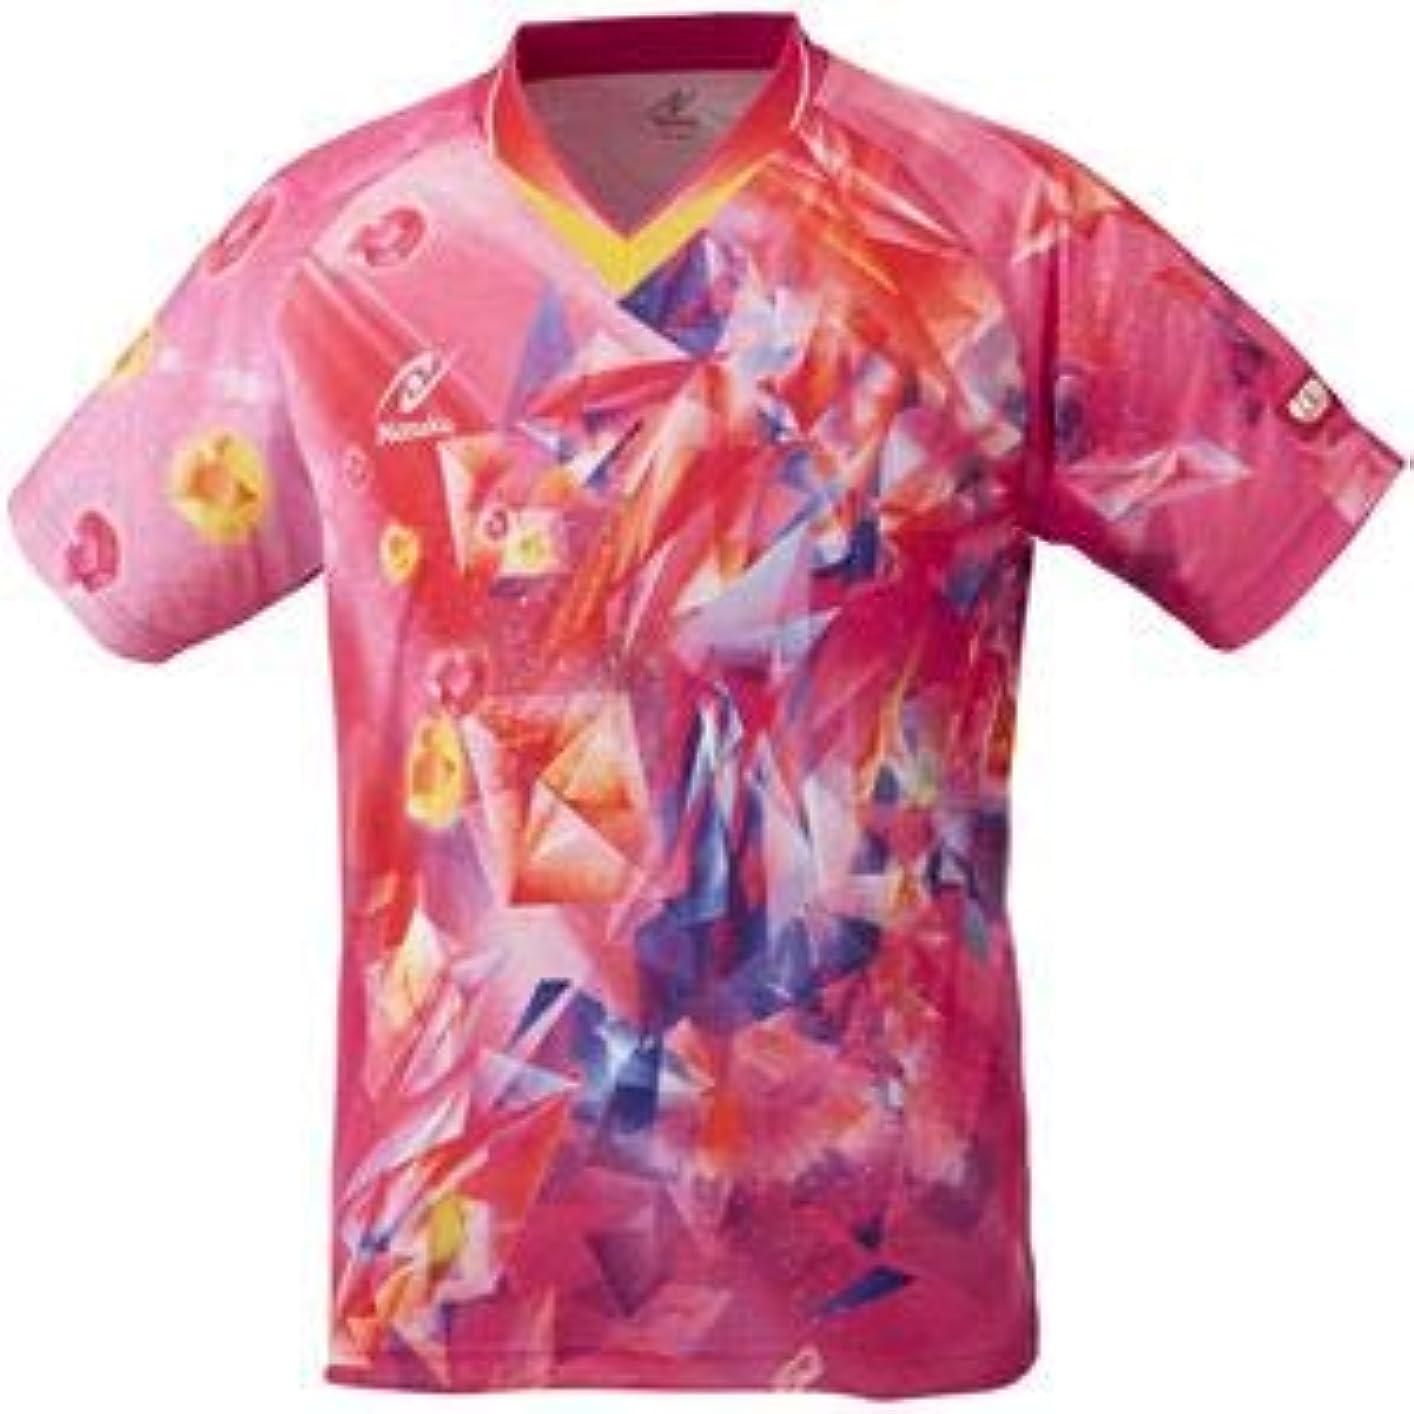 トレイル溶岩性能ニッタク(Nittaku)卓球アパレル UNI SKYCRYSTAL SHIRT(ユニスカイクリスタルシャツ)ゲームシャツ(男女兼用 ?ジュニアサイズ対応)NW2182 ピンク S